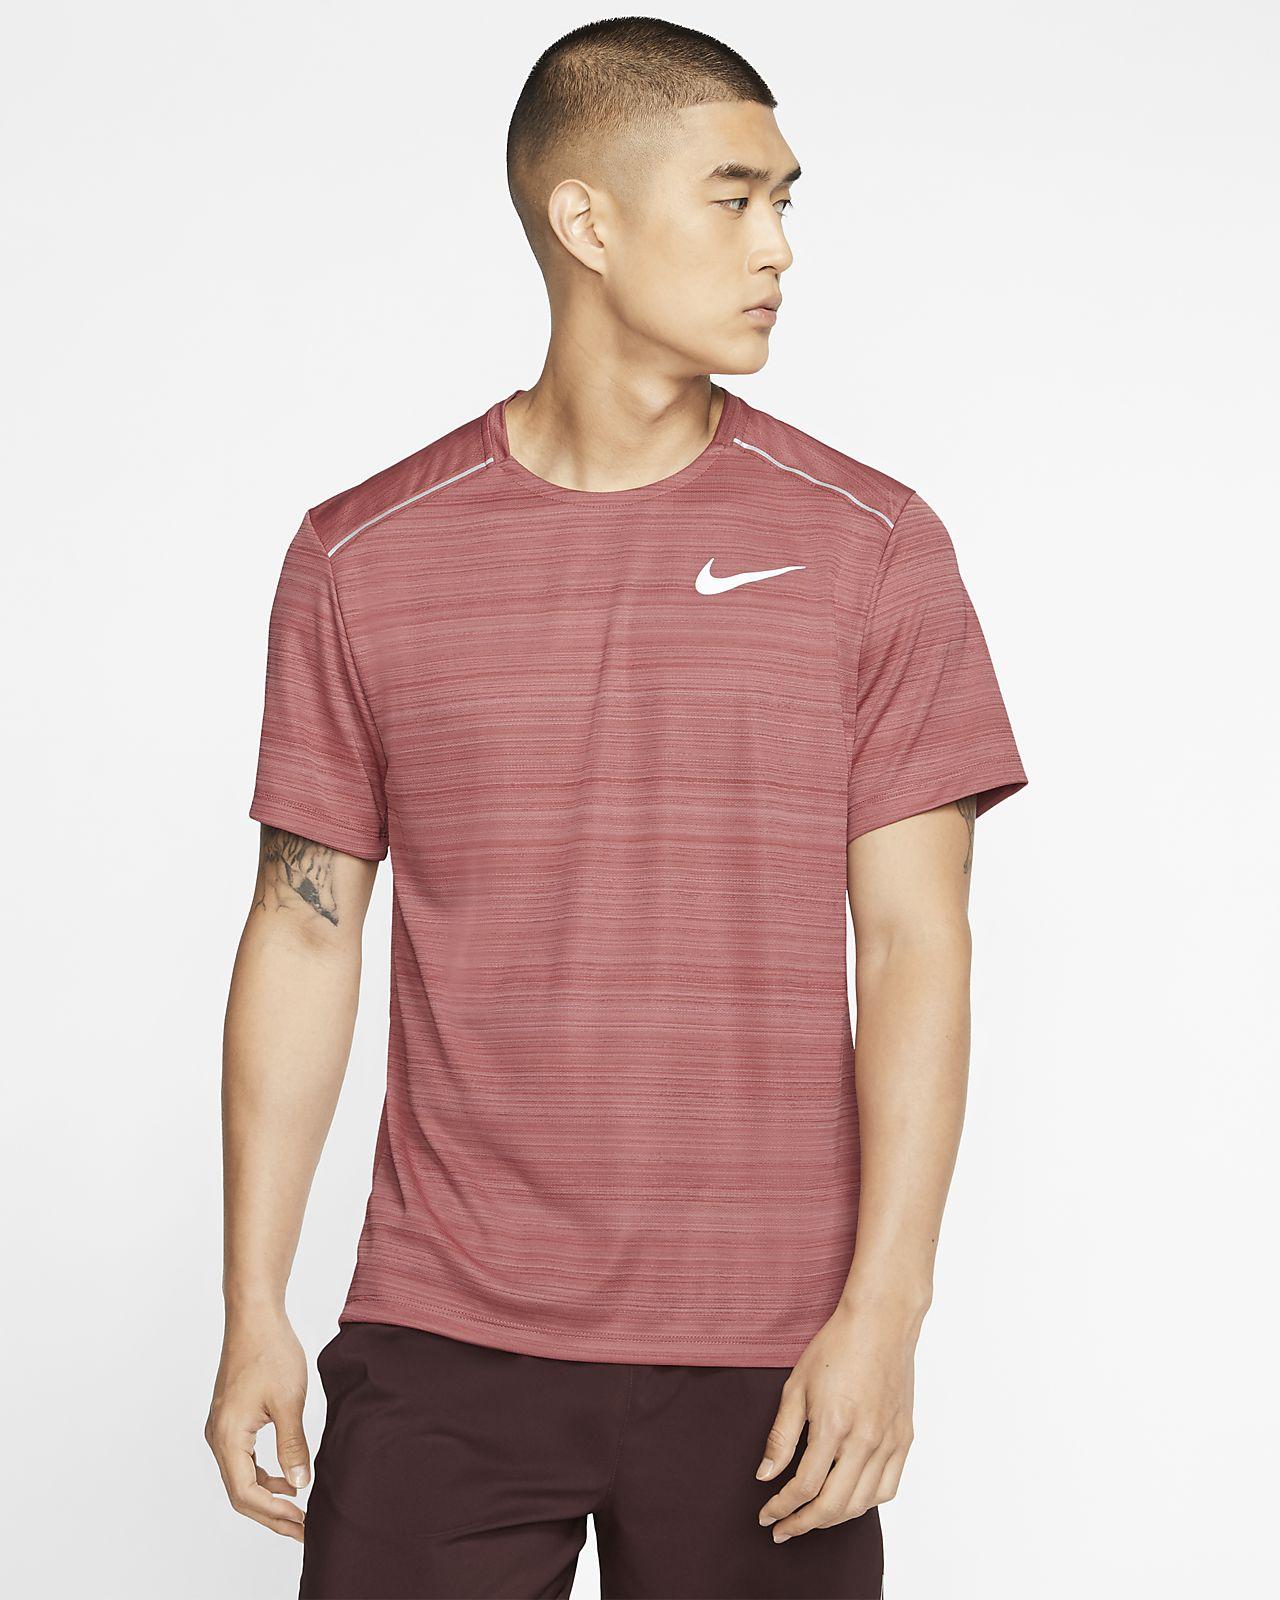 Pánské běžecké tričko Nike Dri-FIT Miler s krátkým rukávem